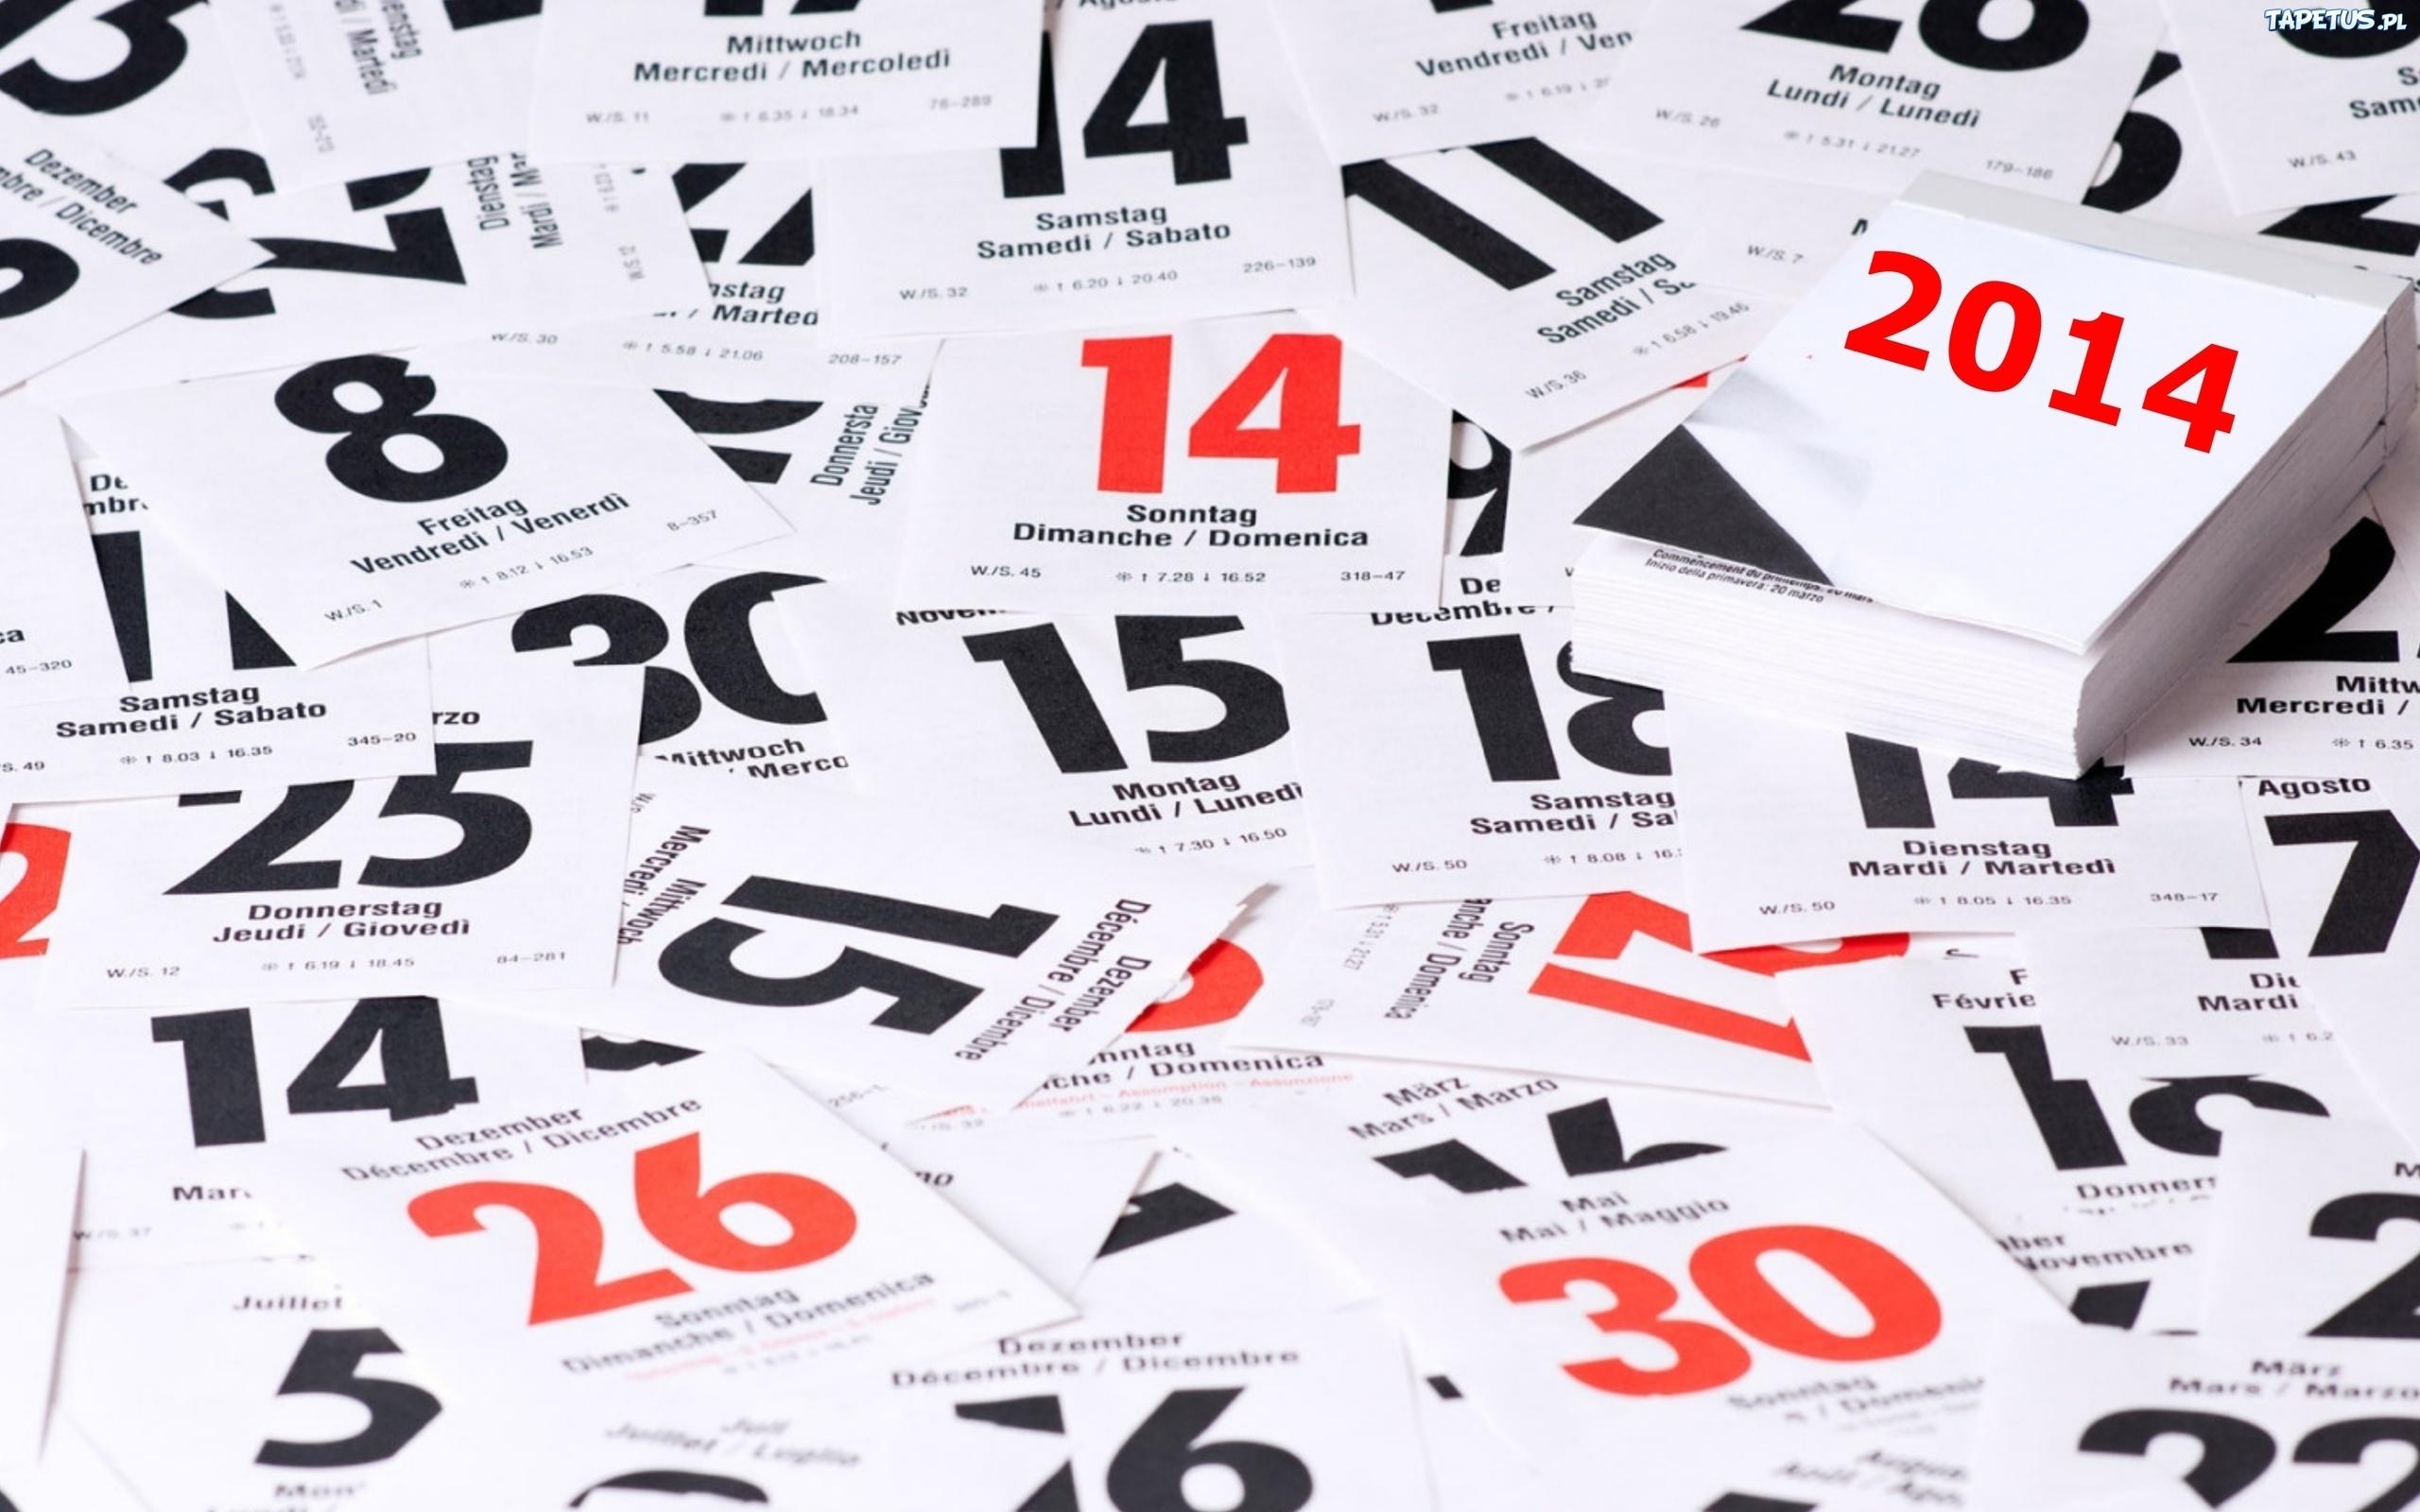 Обои праздник, новый год, календарь, листки картинки на рабочий стол, раздел новый год - скачать.